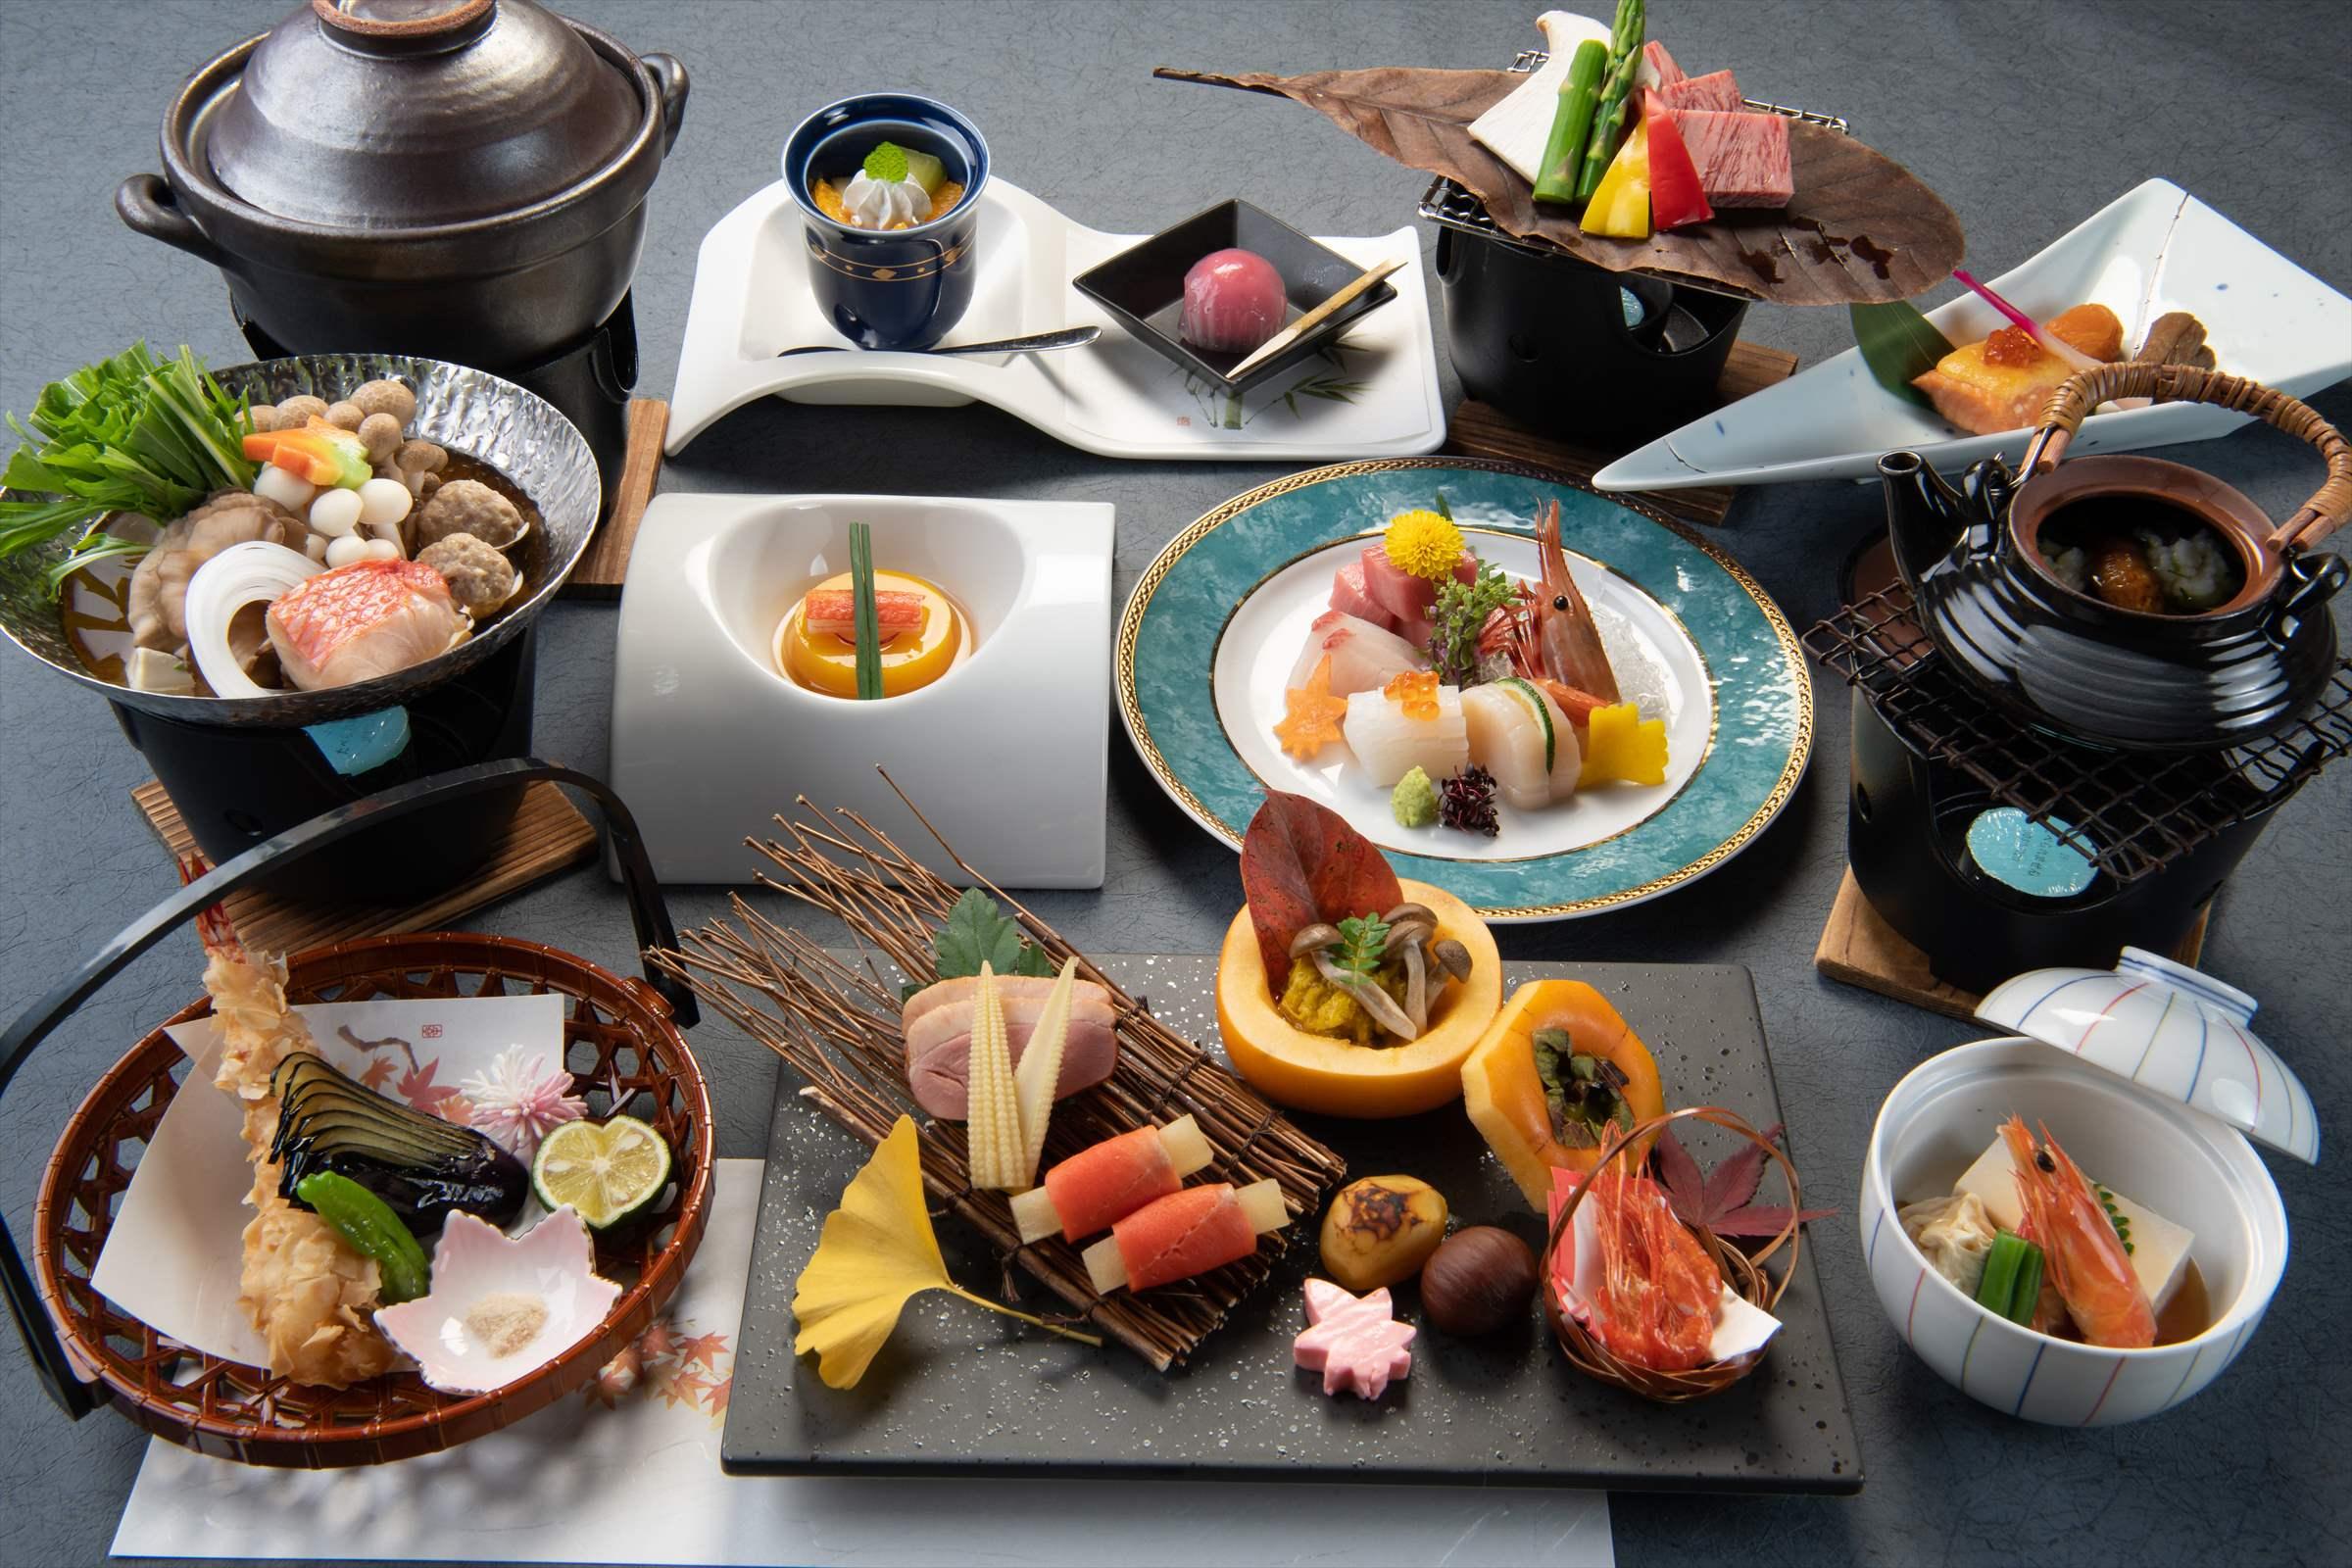 12,000円(税込13,200円)のお料理